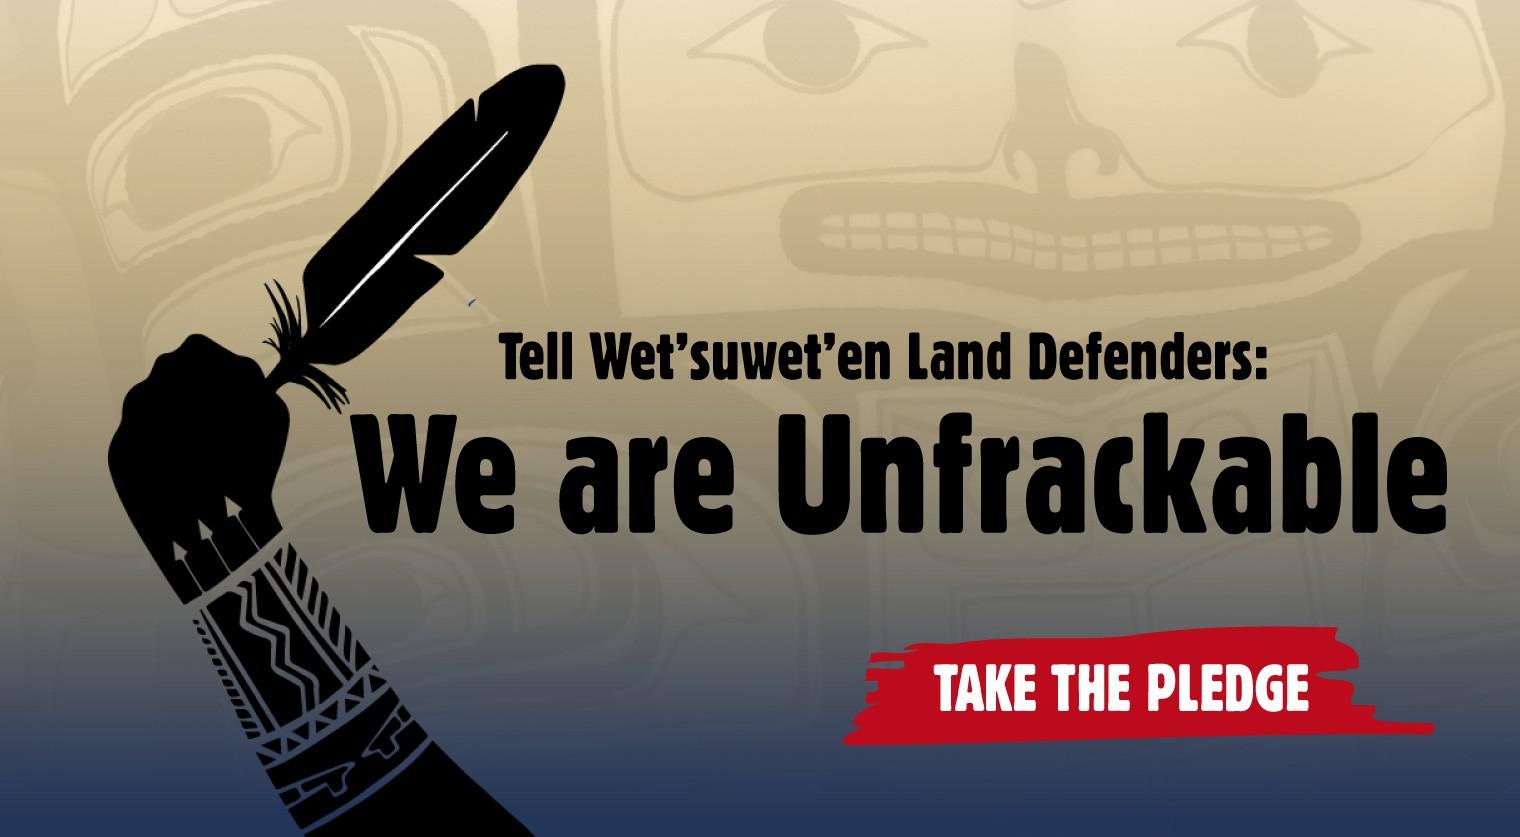 Pledge-Unfrackable